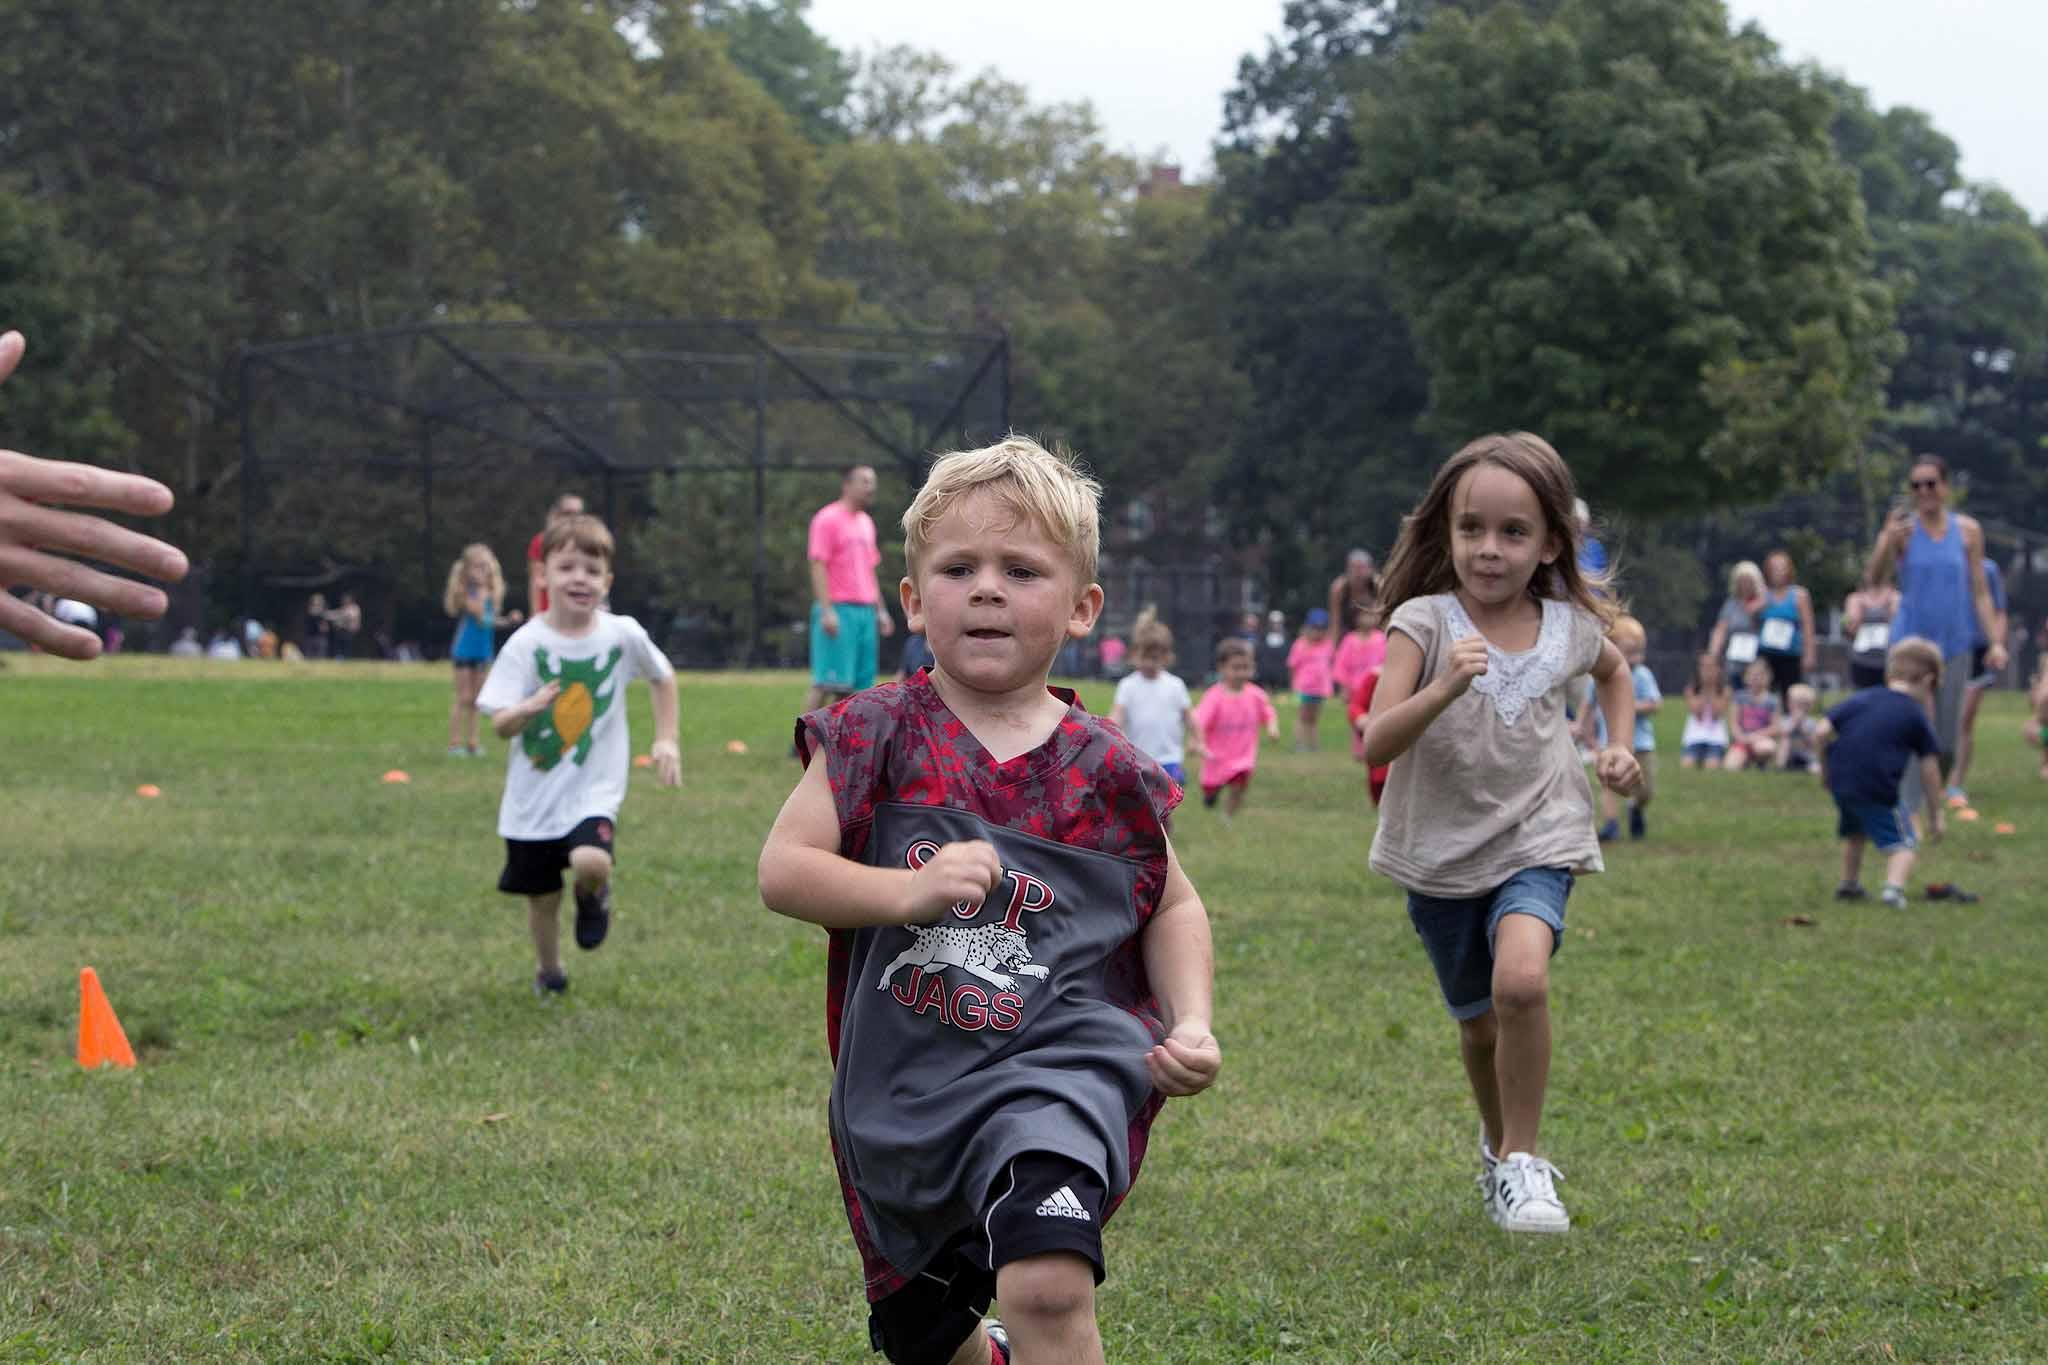 191-Woodlawn Run for a Cause-565.jpg